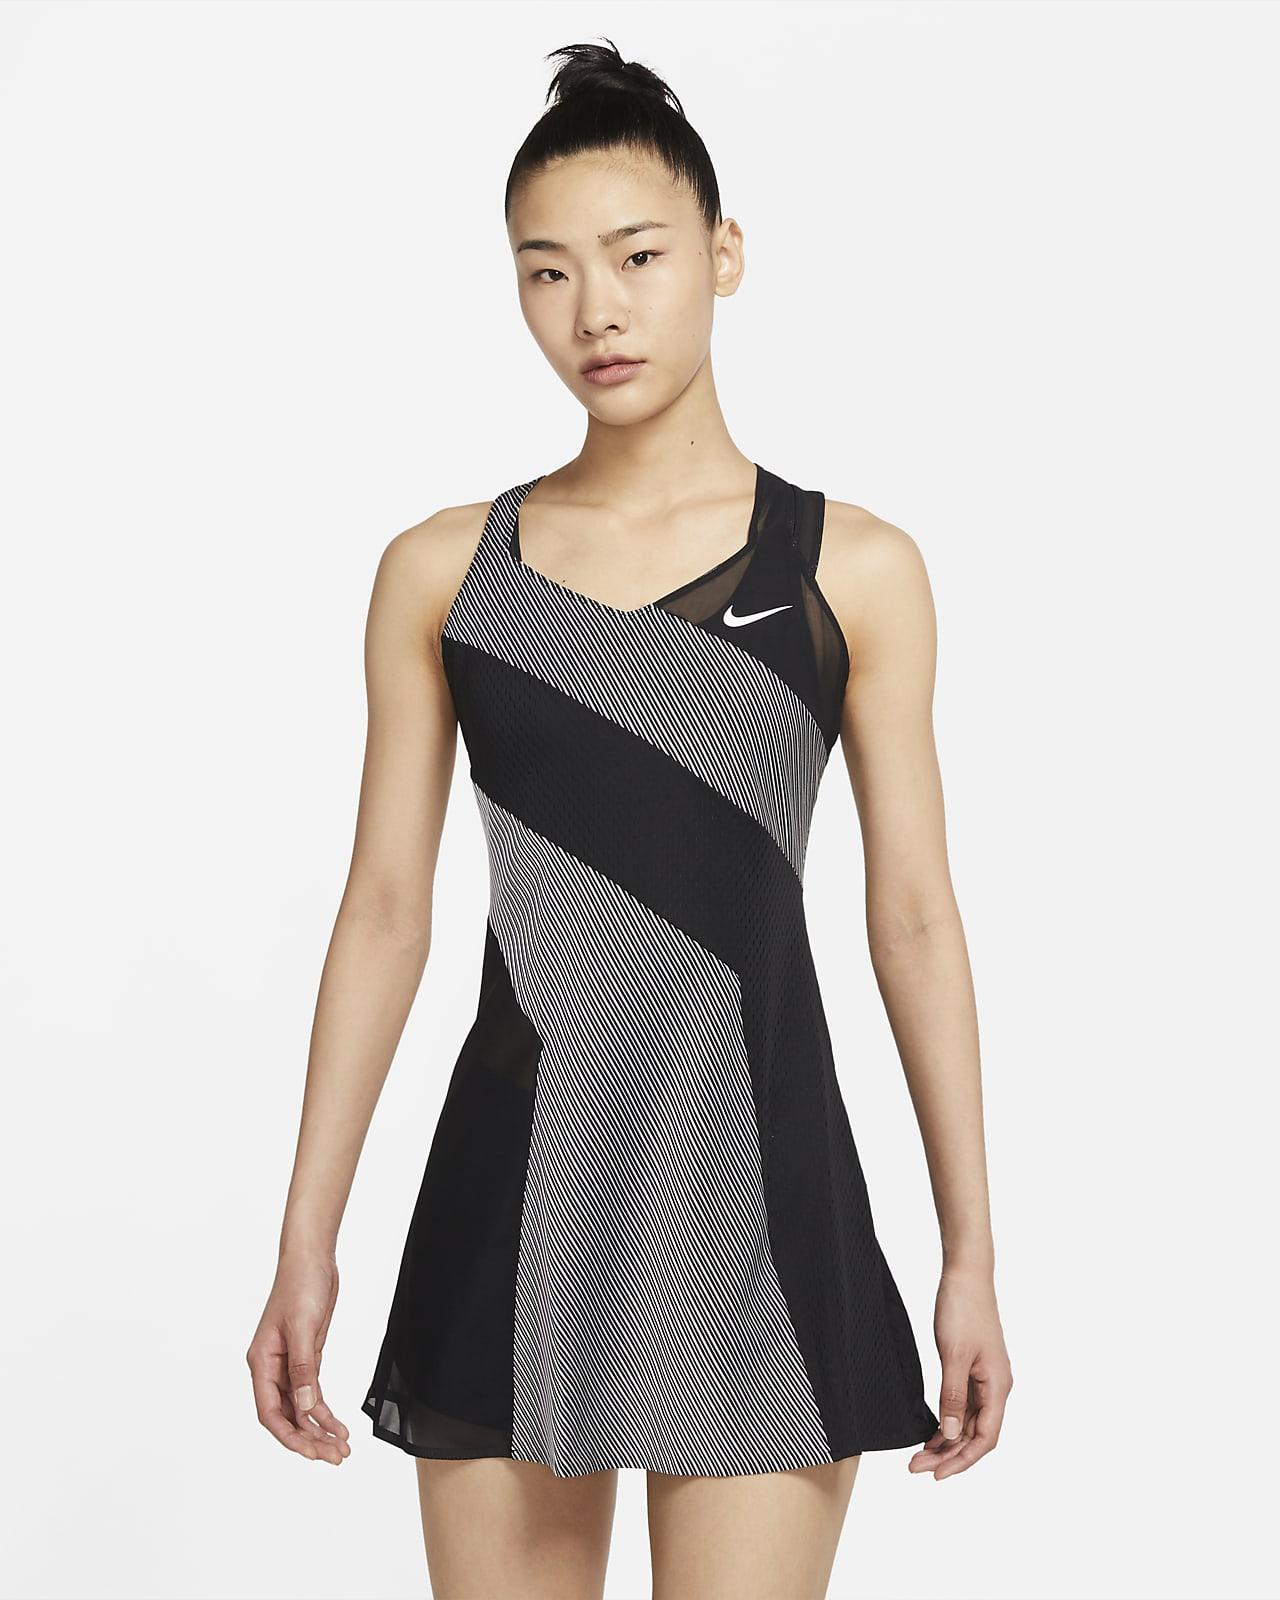 เดรสเทนนิสผู้หญิง Naomi Osaka